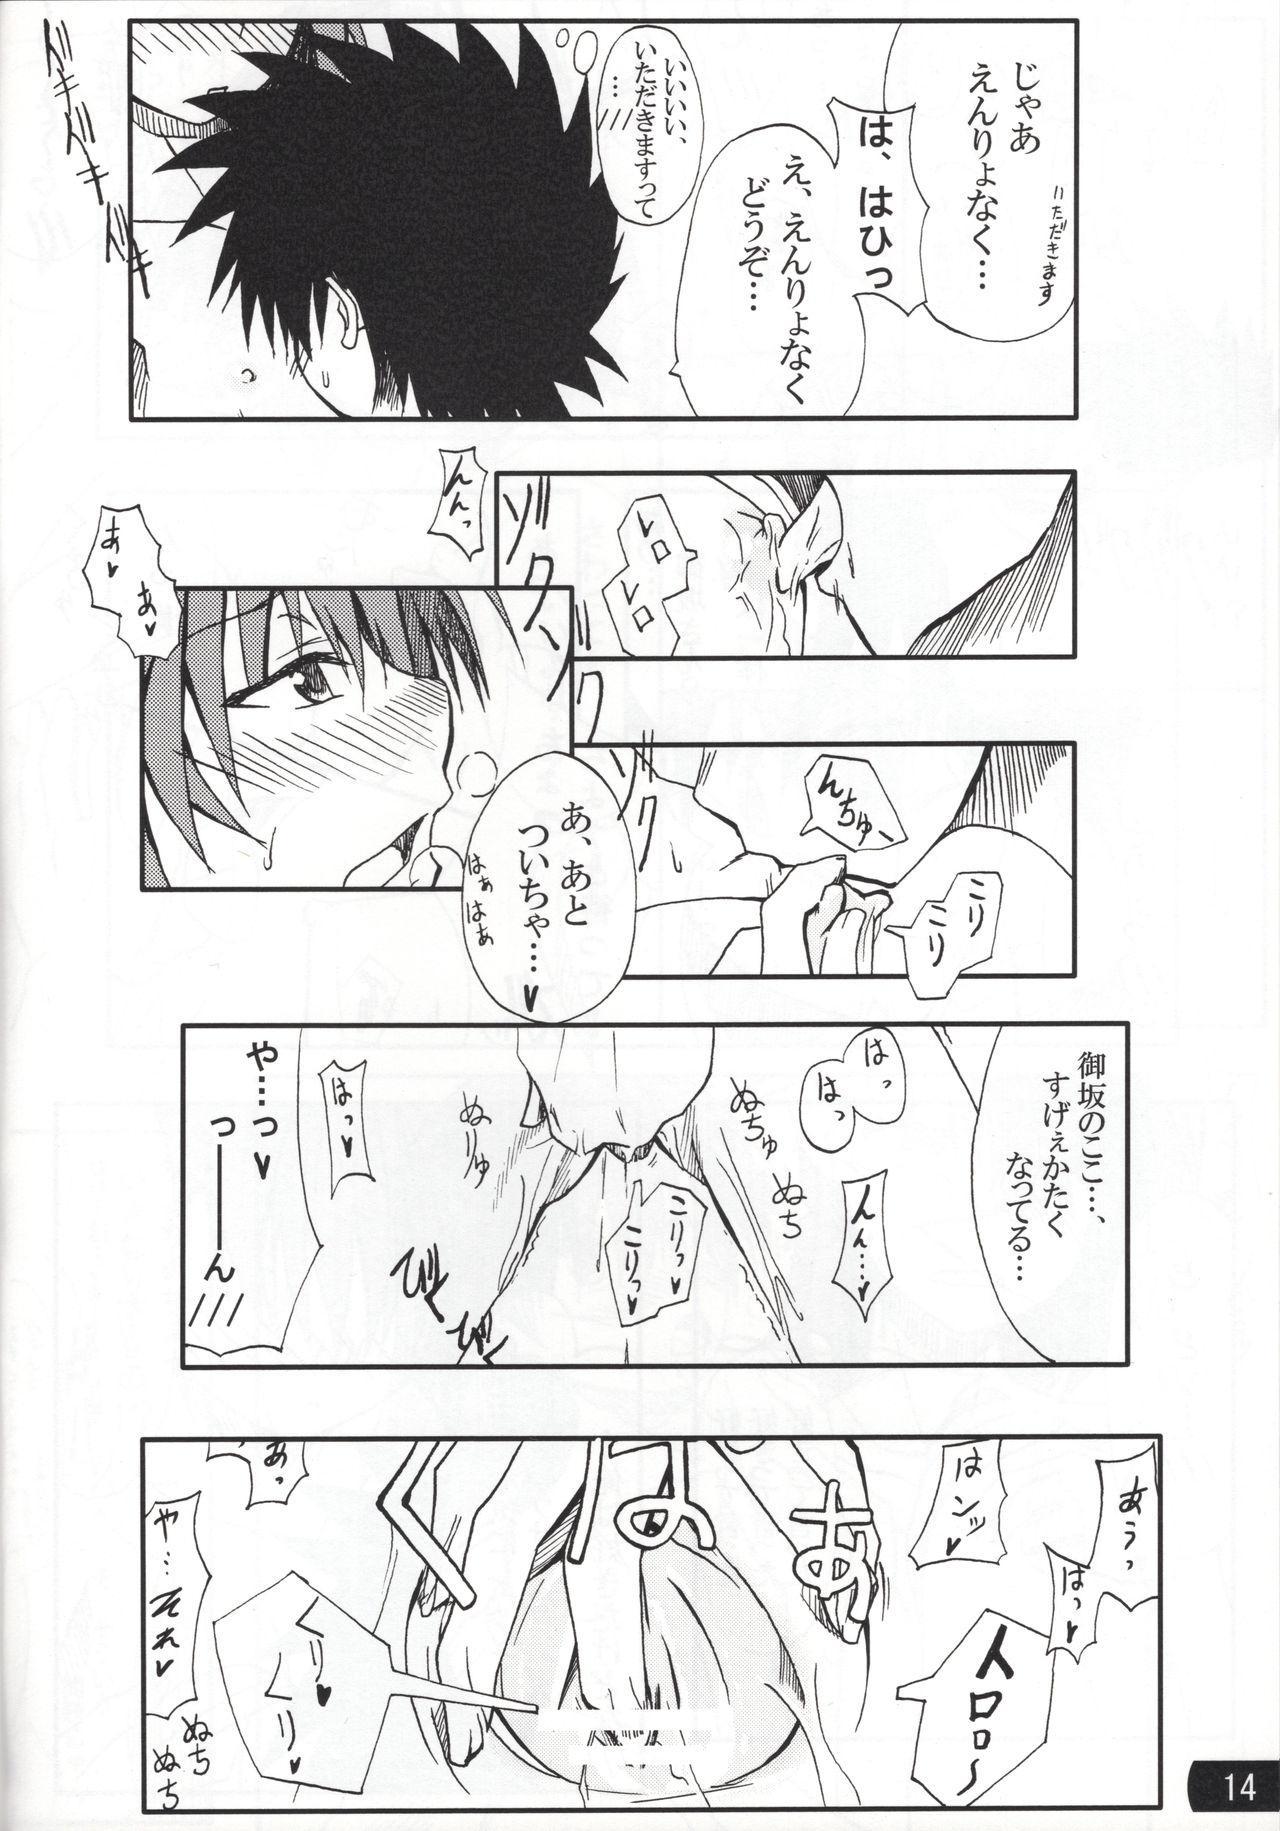 Toaru mousou no chou denji hon 02 12